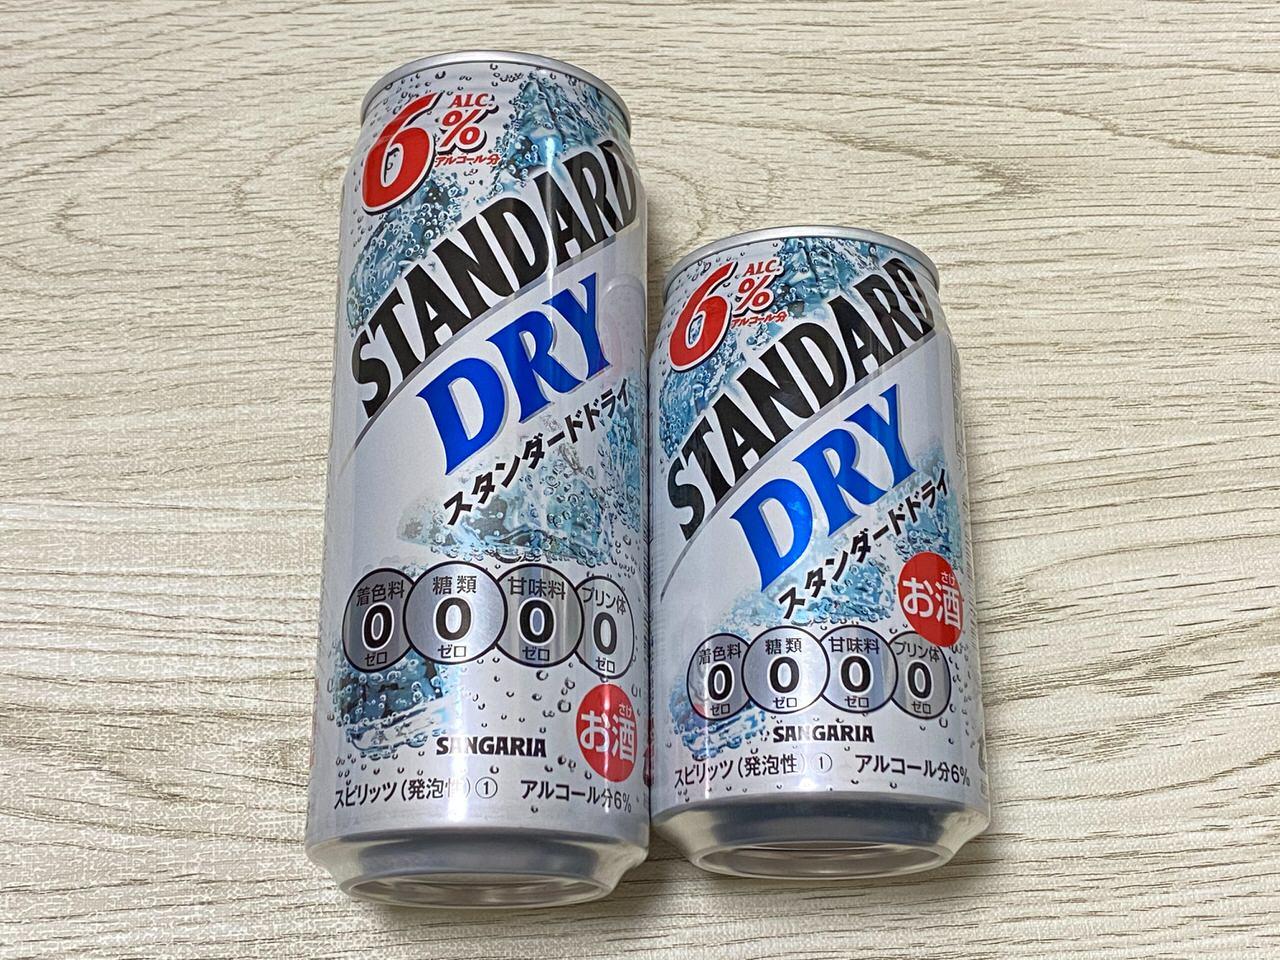 【6%】サイダー感あるけど甘くないすっきりドライなサンガリア缶チューハイ「スタンダードドライ」はなんと1本100円【ローソン限定】